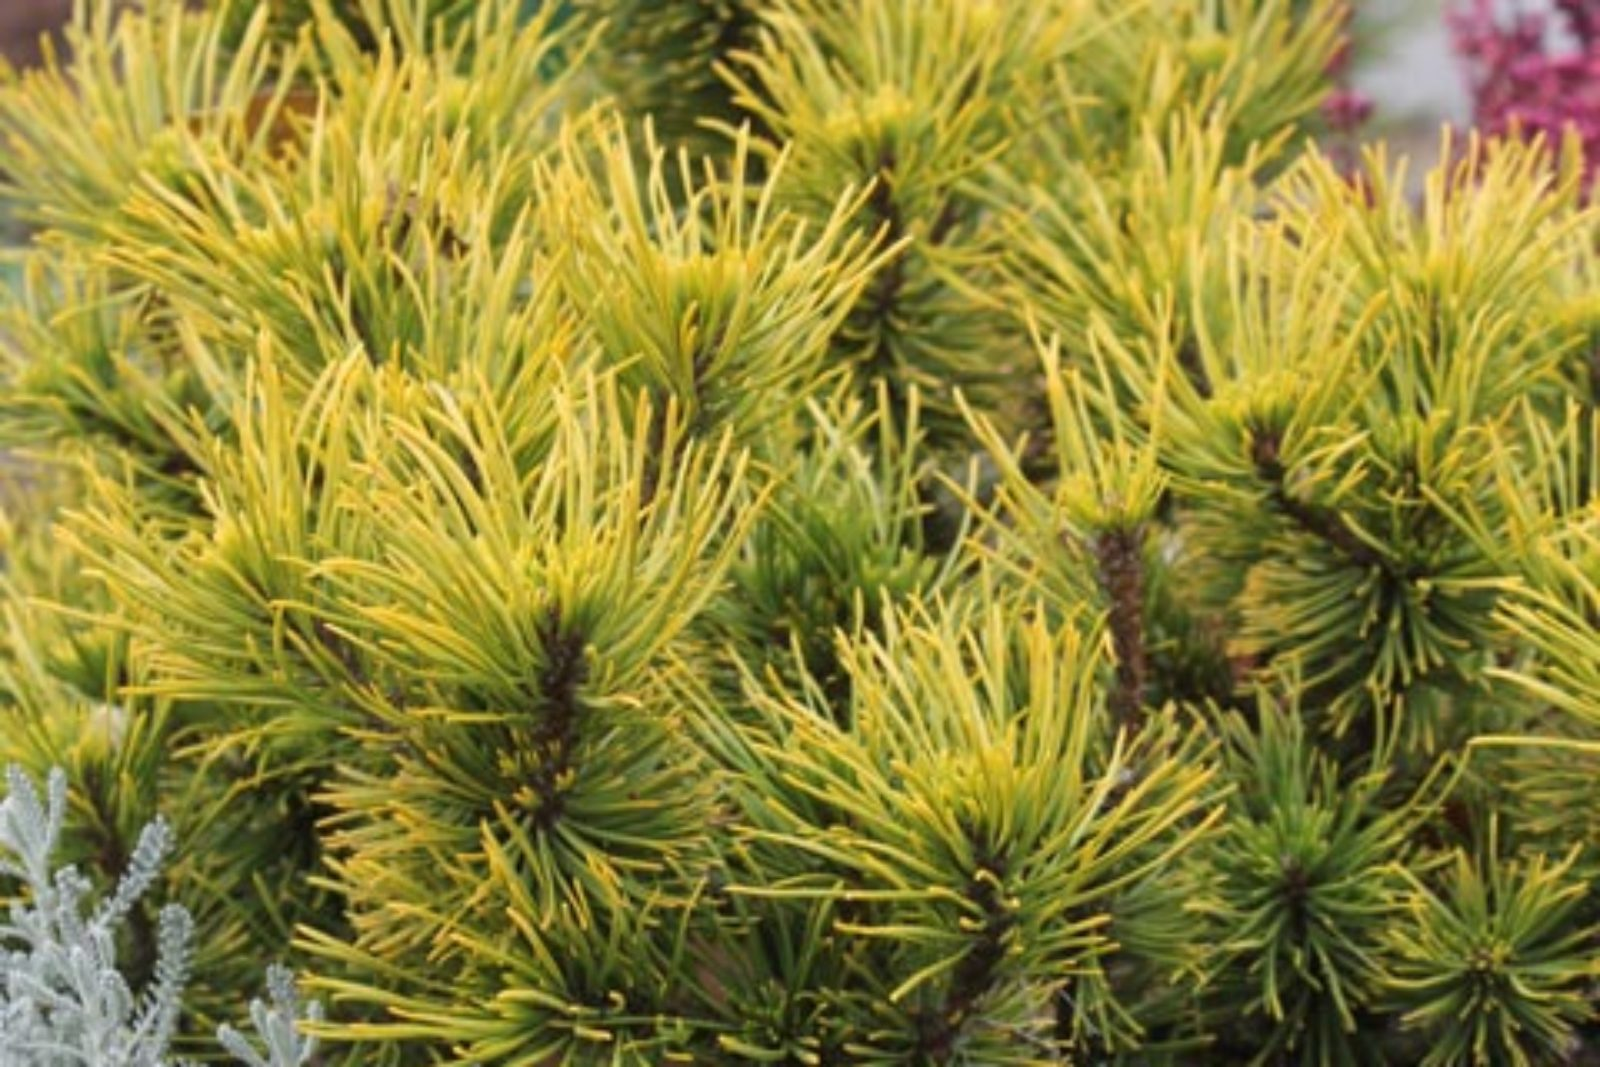 Pinus mugo Carstens Wintergold